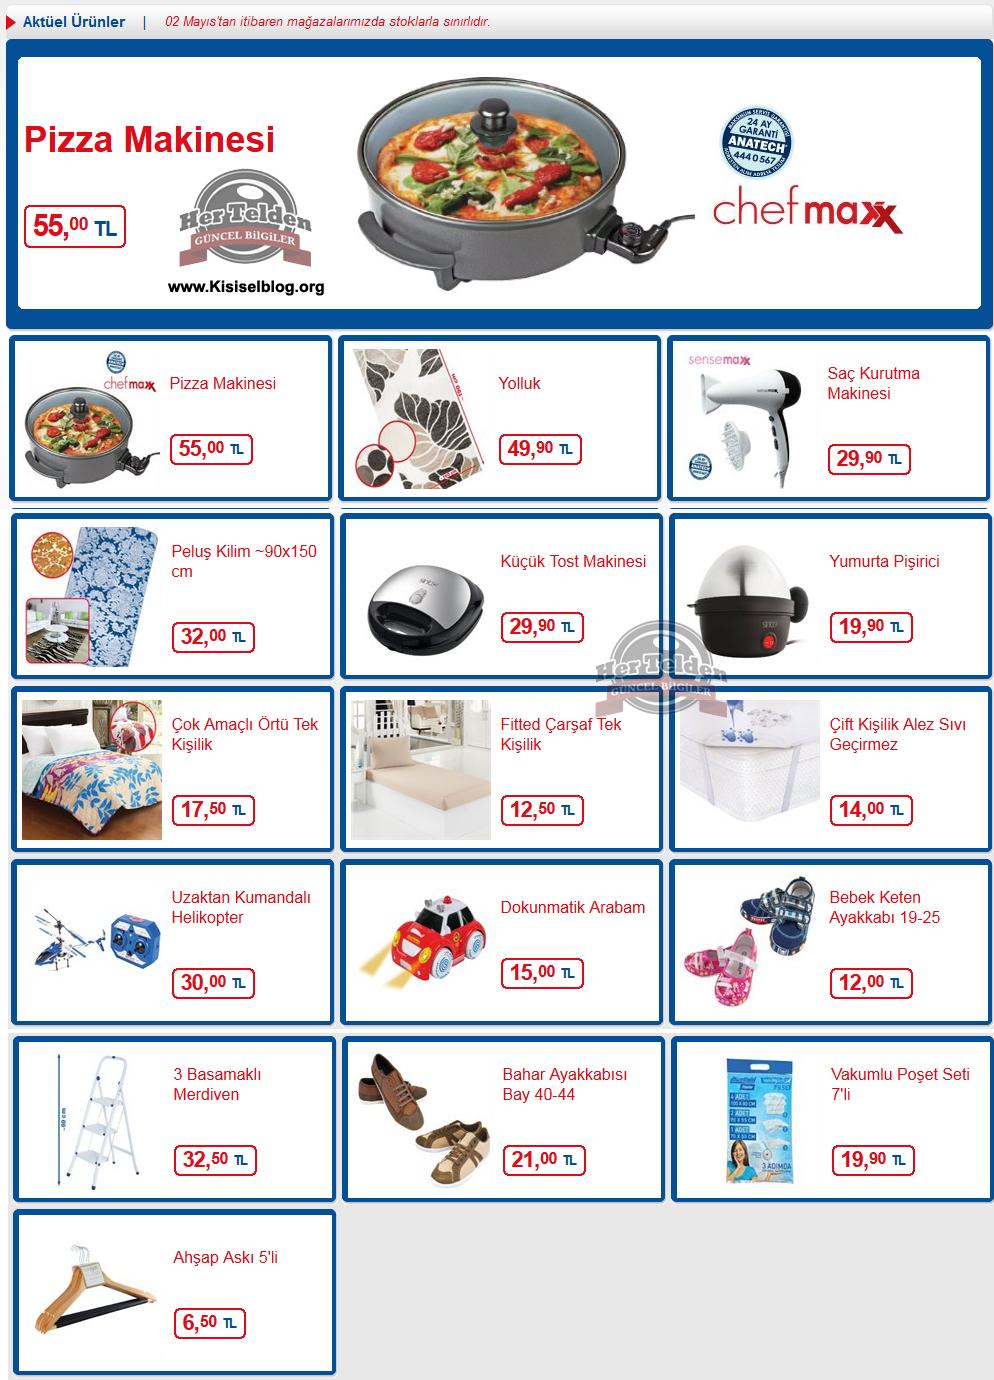 Bim Aktüel 2 Mayıs 2014 Aktüel Ürünler,Güncel Broşür, Katalog ve İndirimler  Hızlı bir şekilde yaygınlaşan bim mağazalarının cuma gününe özel müşterileri için düzenlediği stoklu aktüel ürünlerini kaçırmak istemiyorsanız, bizi takip etmeye devam edin. Bim aktüel ürünler 2 Mayıs 2014 ürünleri hakkında ayrıntılar alt kısımda verilmiştir.  Pizza Makinesi,55,00TL